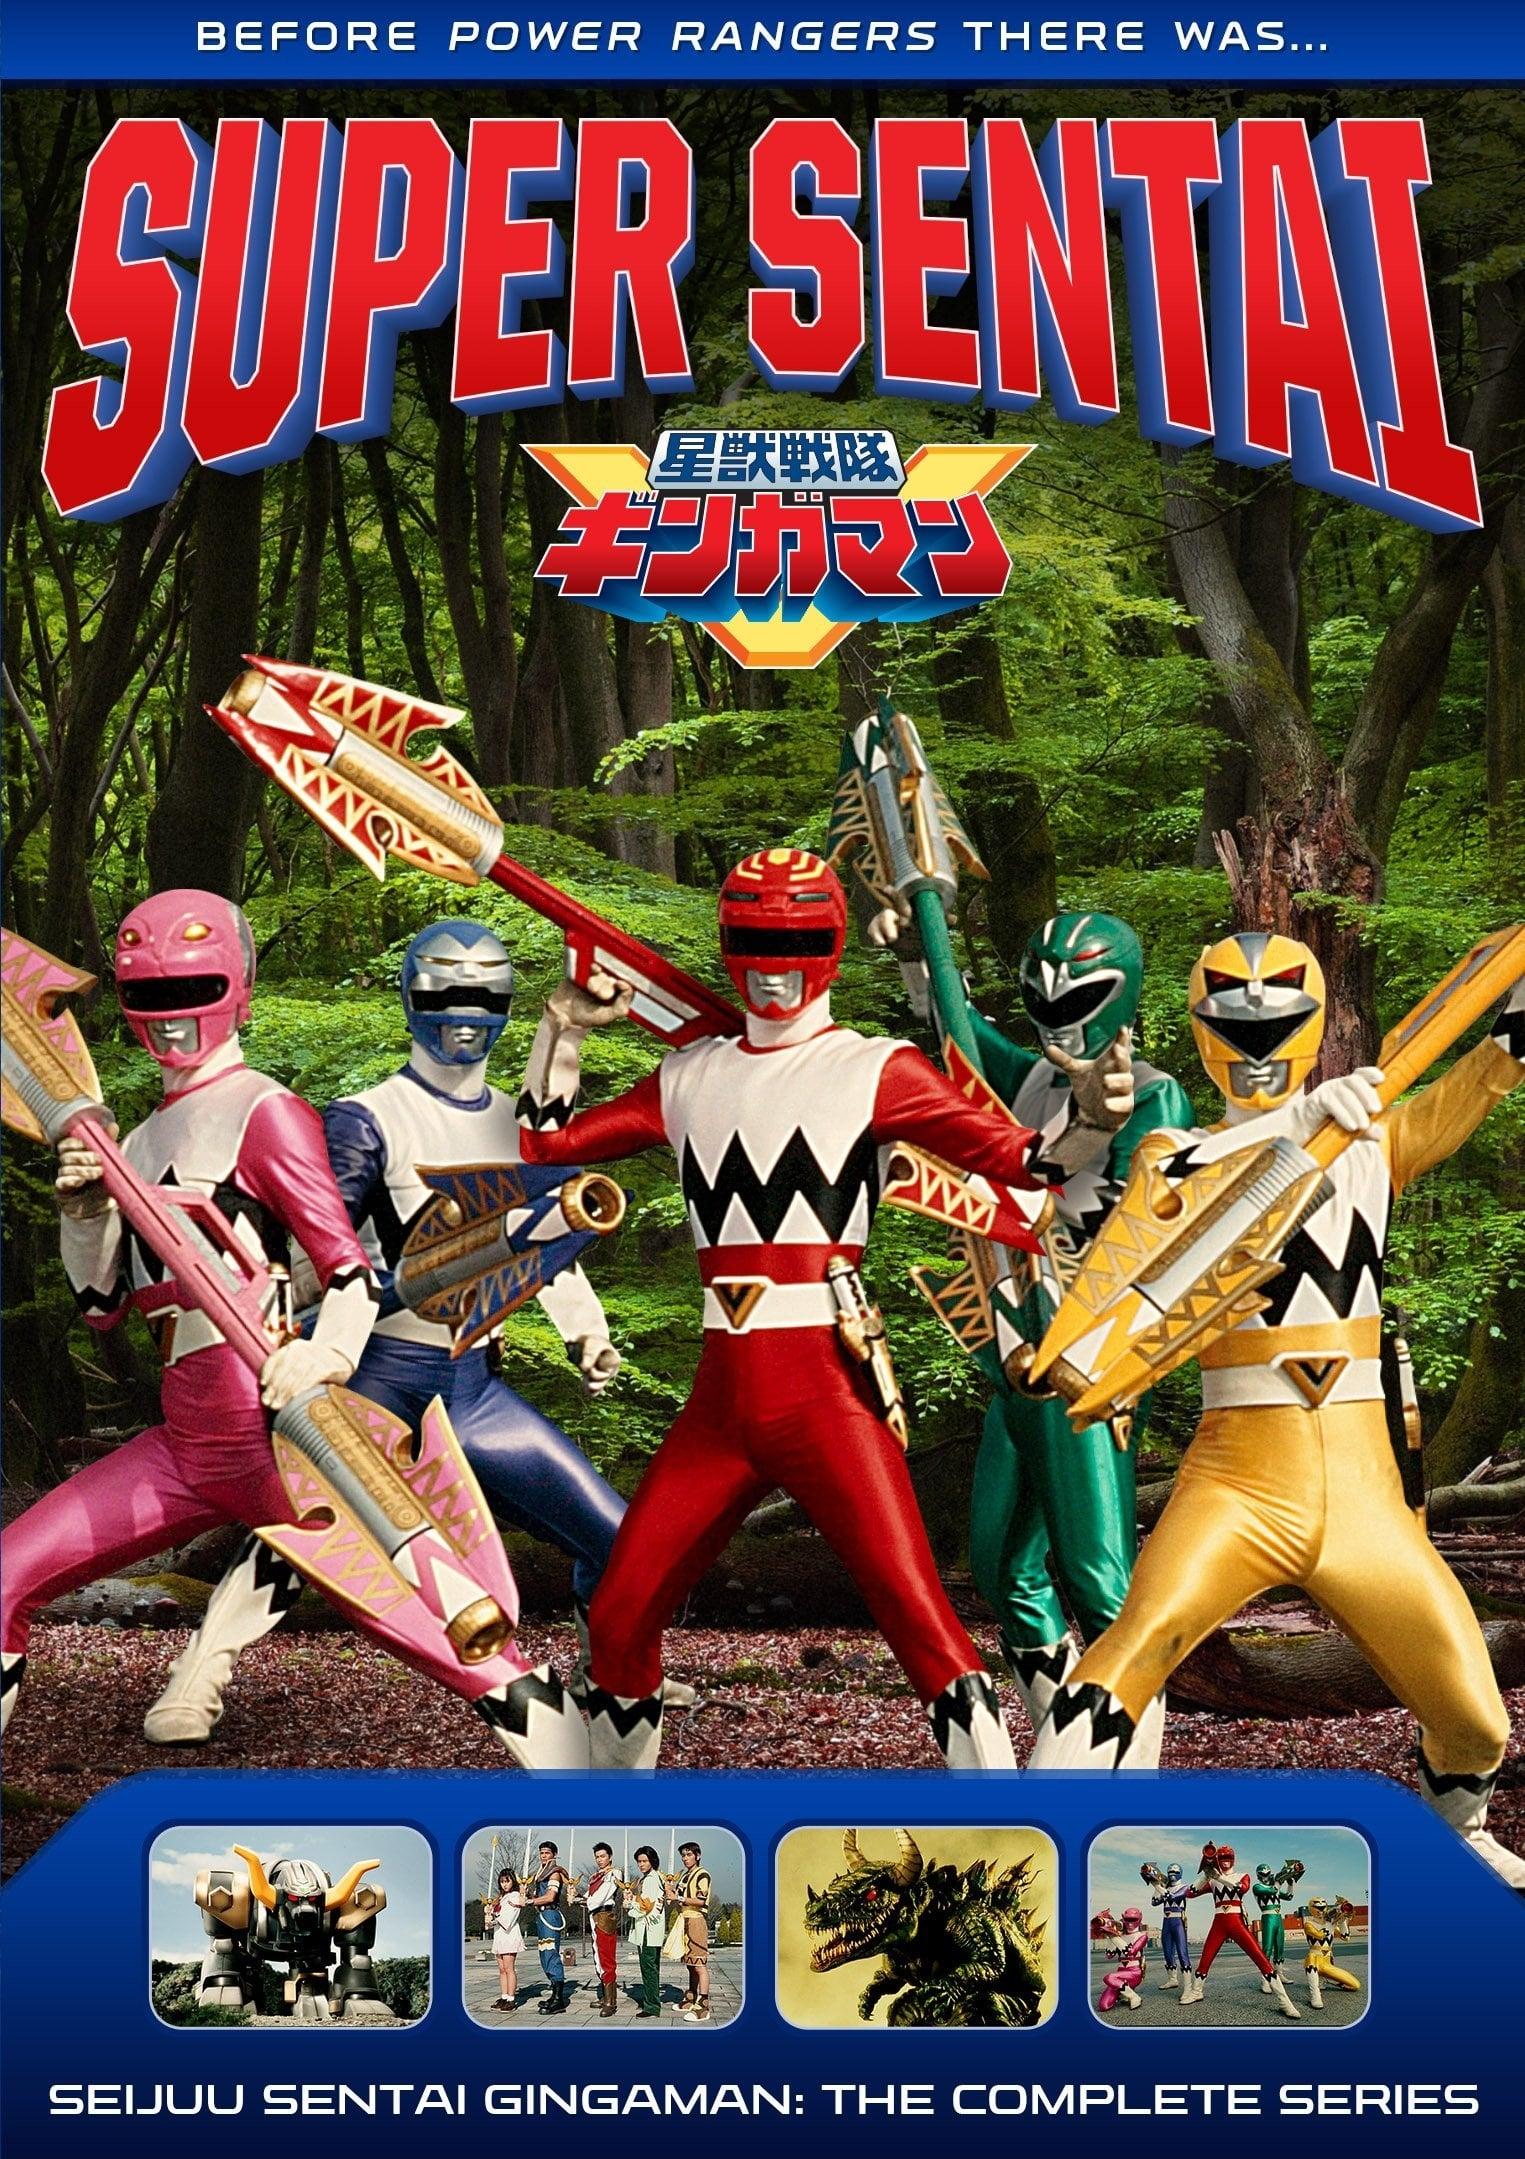 Super Sentai Season 22